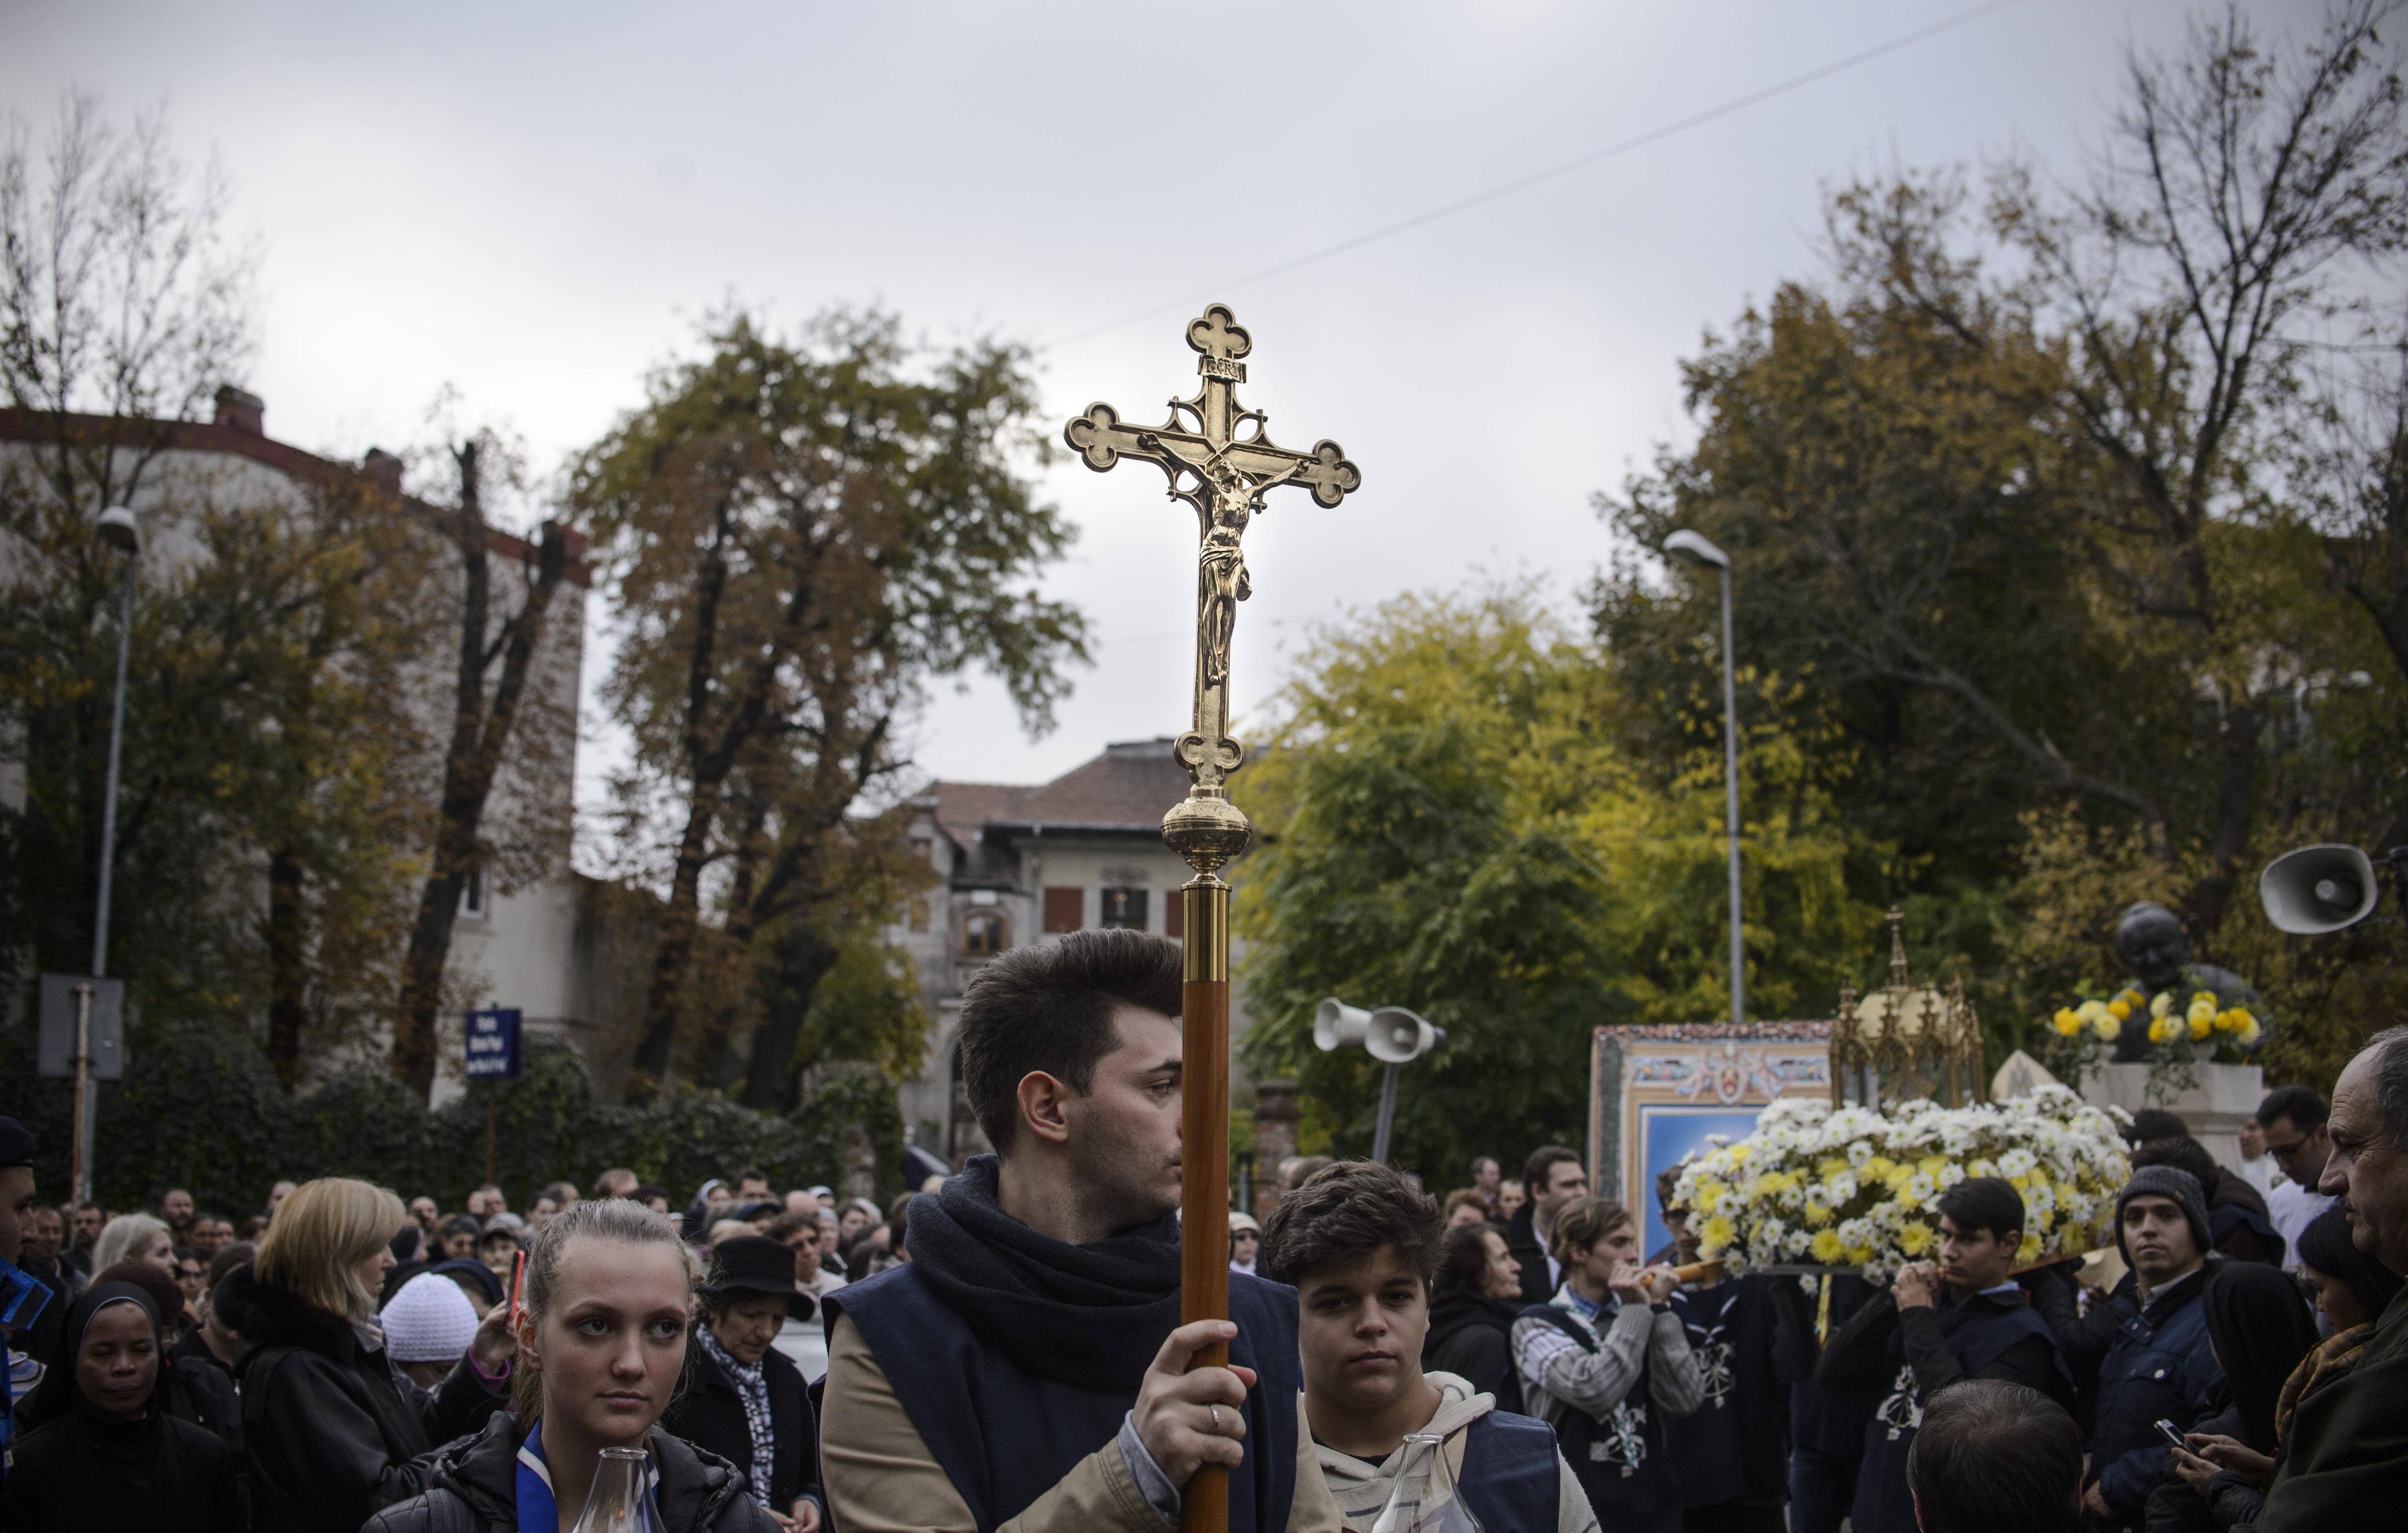 Circulaţia rutieră, restricţionată în Bucureşti la sfârşit de săptămână: Concertul celor de la `Kings of Leon` şi procesiune religioasă catolică